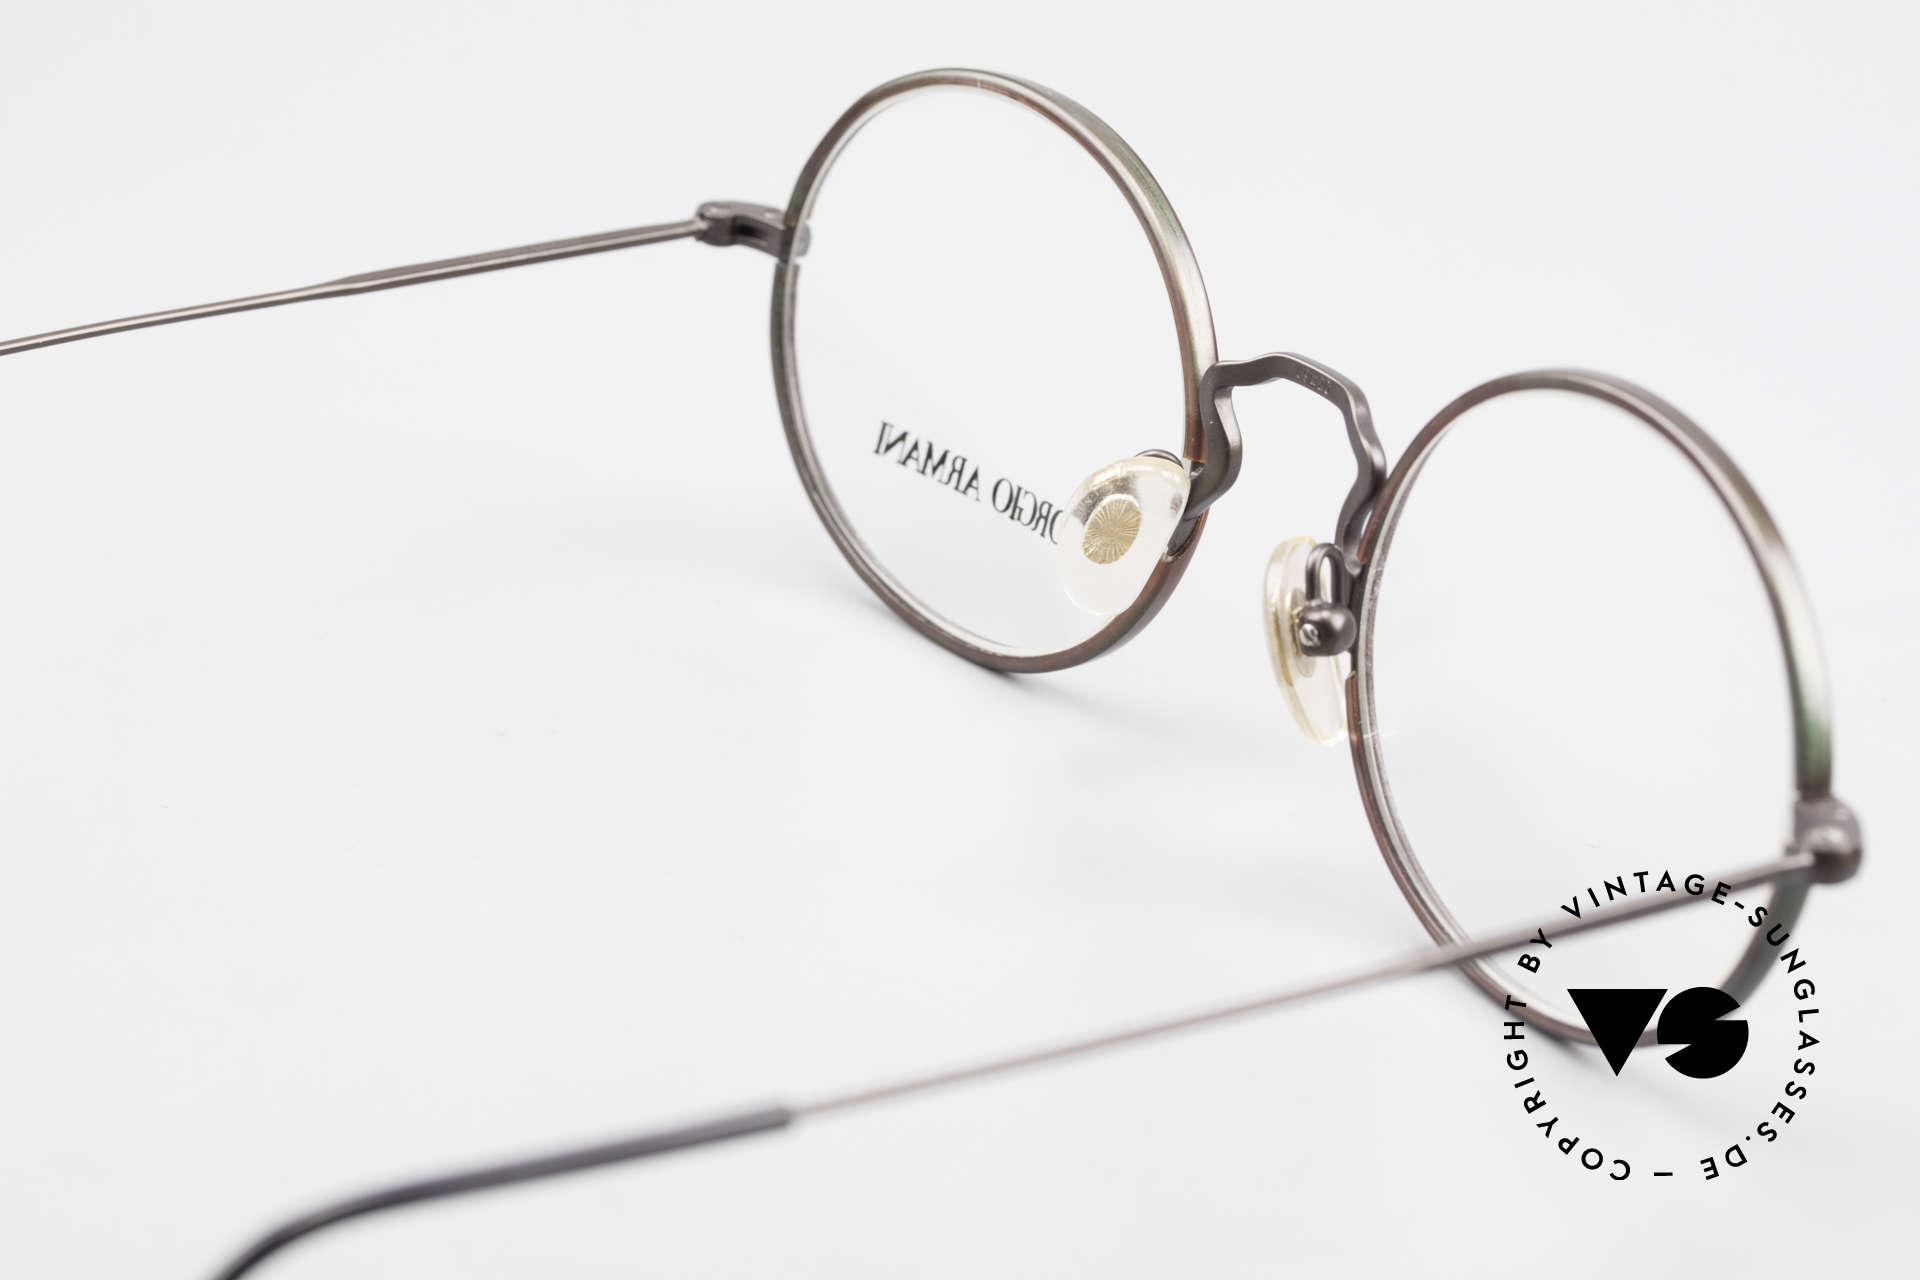 Giorgio Armani 247 Lackierung Glänzt Braun Grün, die Metall-Fassung kann beliebig verglast werden, Passend für Herren